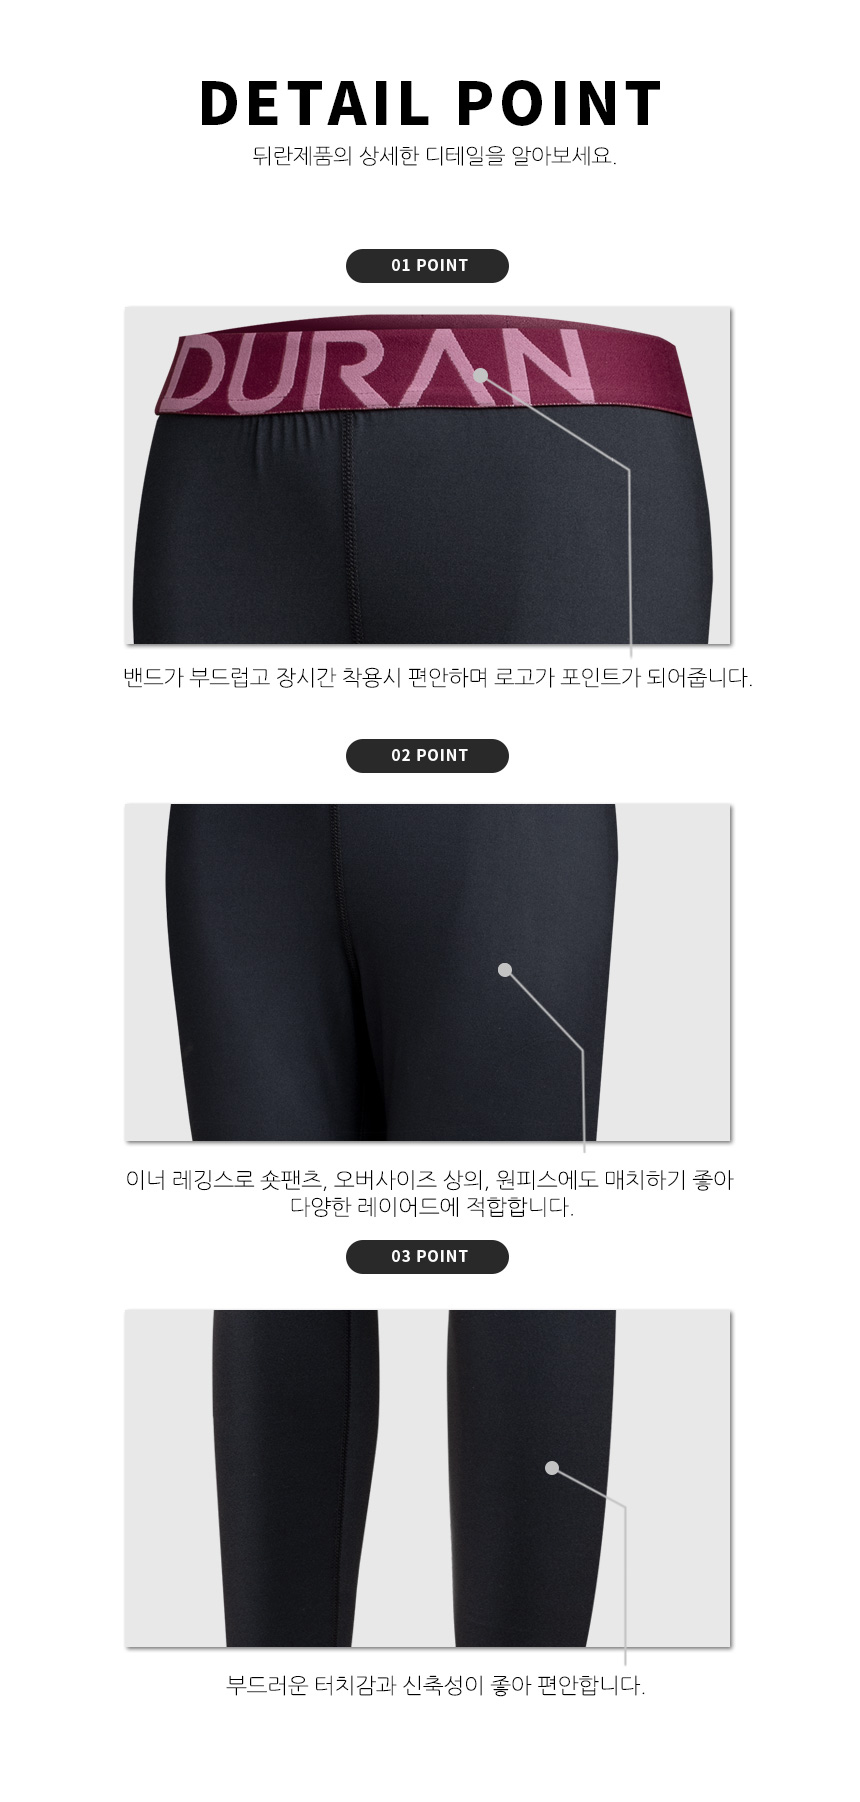 뒤란(DURAN) 여성운동복 스트레치 이너 요가레깅스 DFW4021 버건디